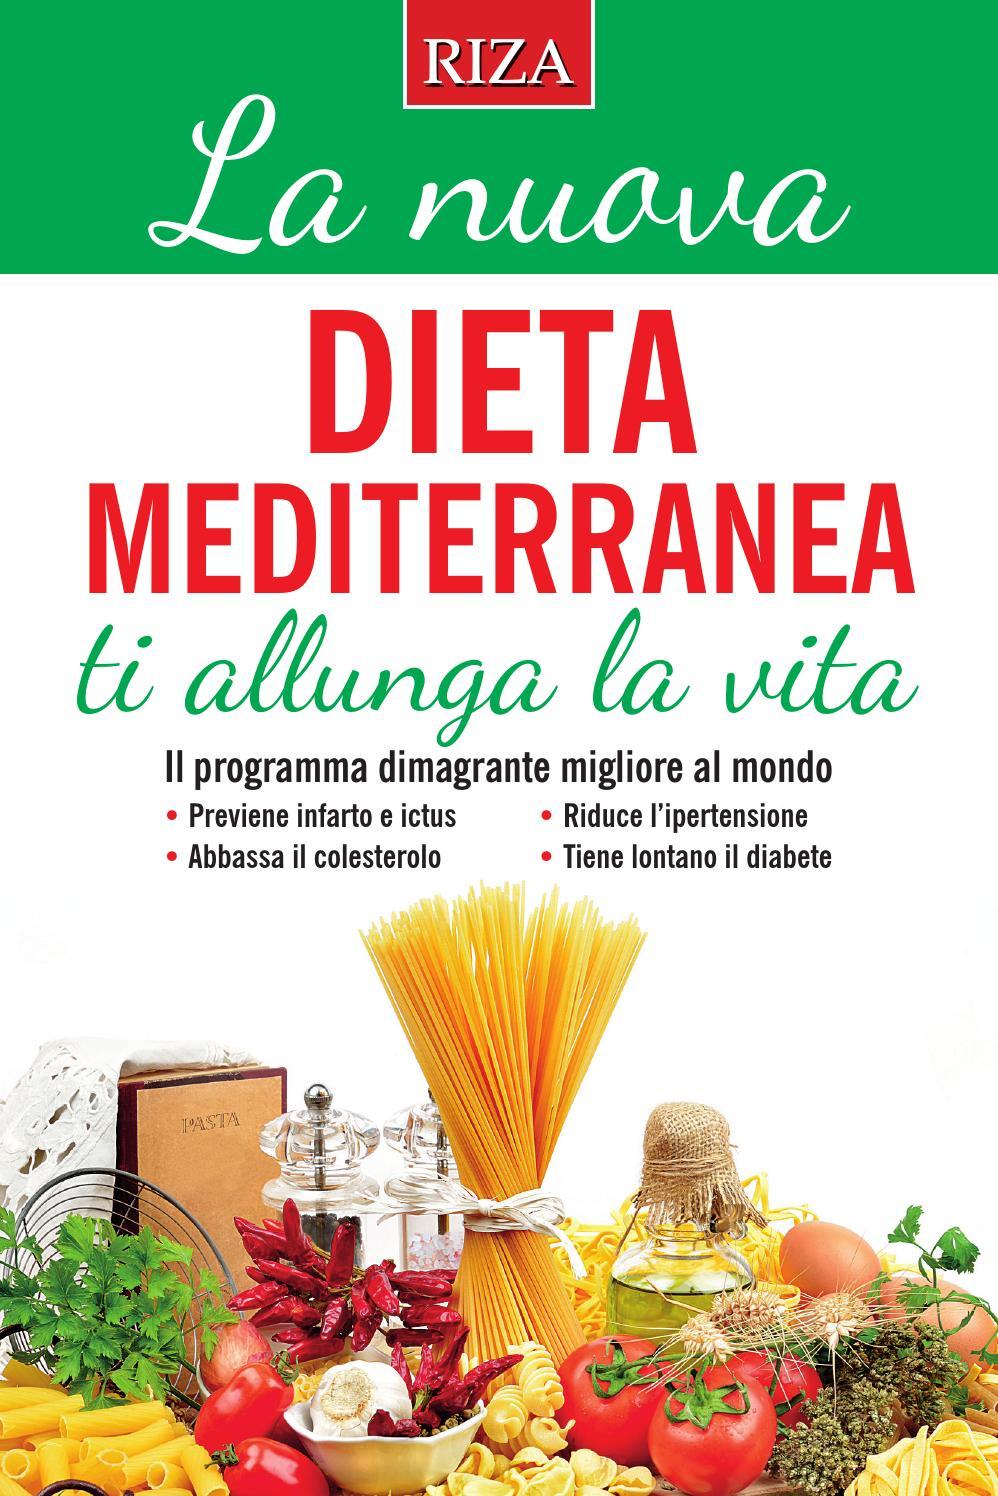 La nuova dieta mediterranea by edizioni riza issuu - La mediterranea ...